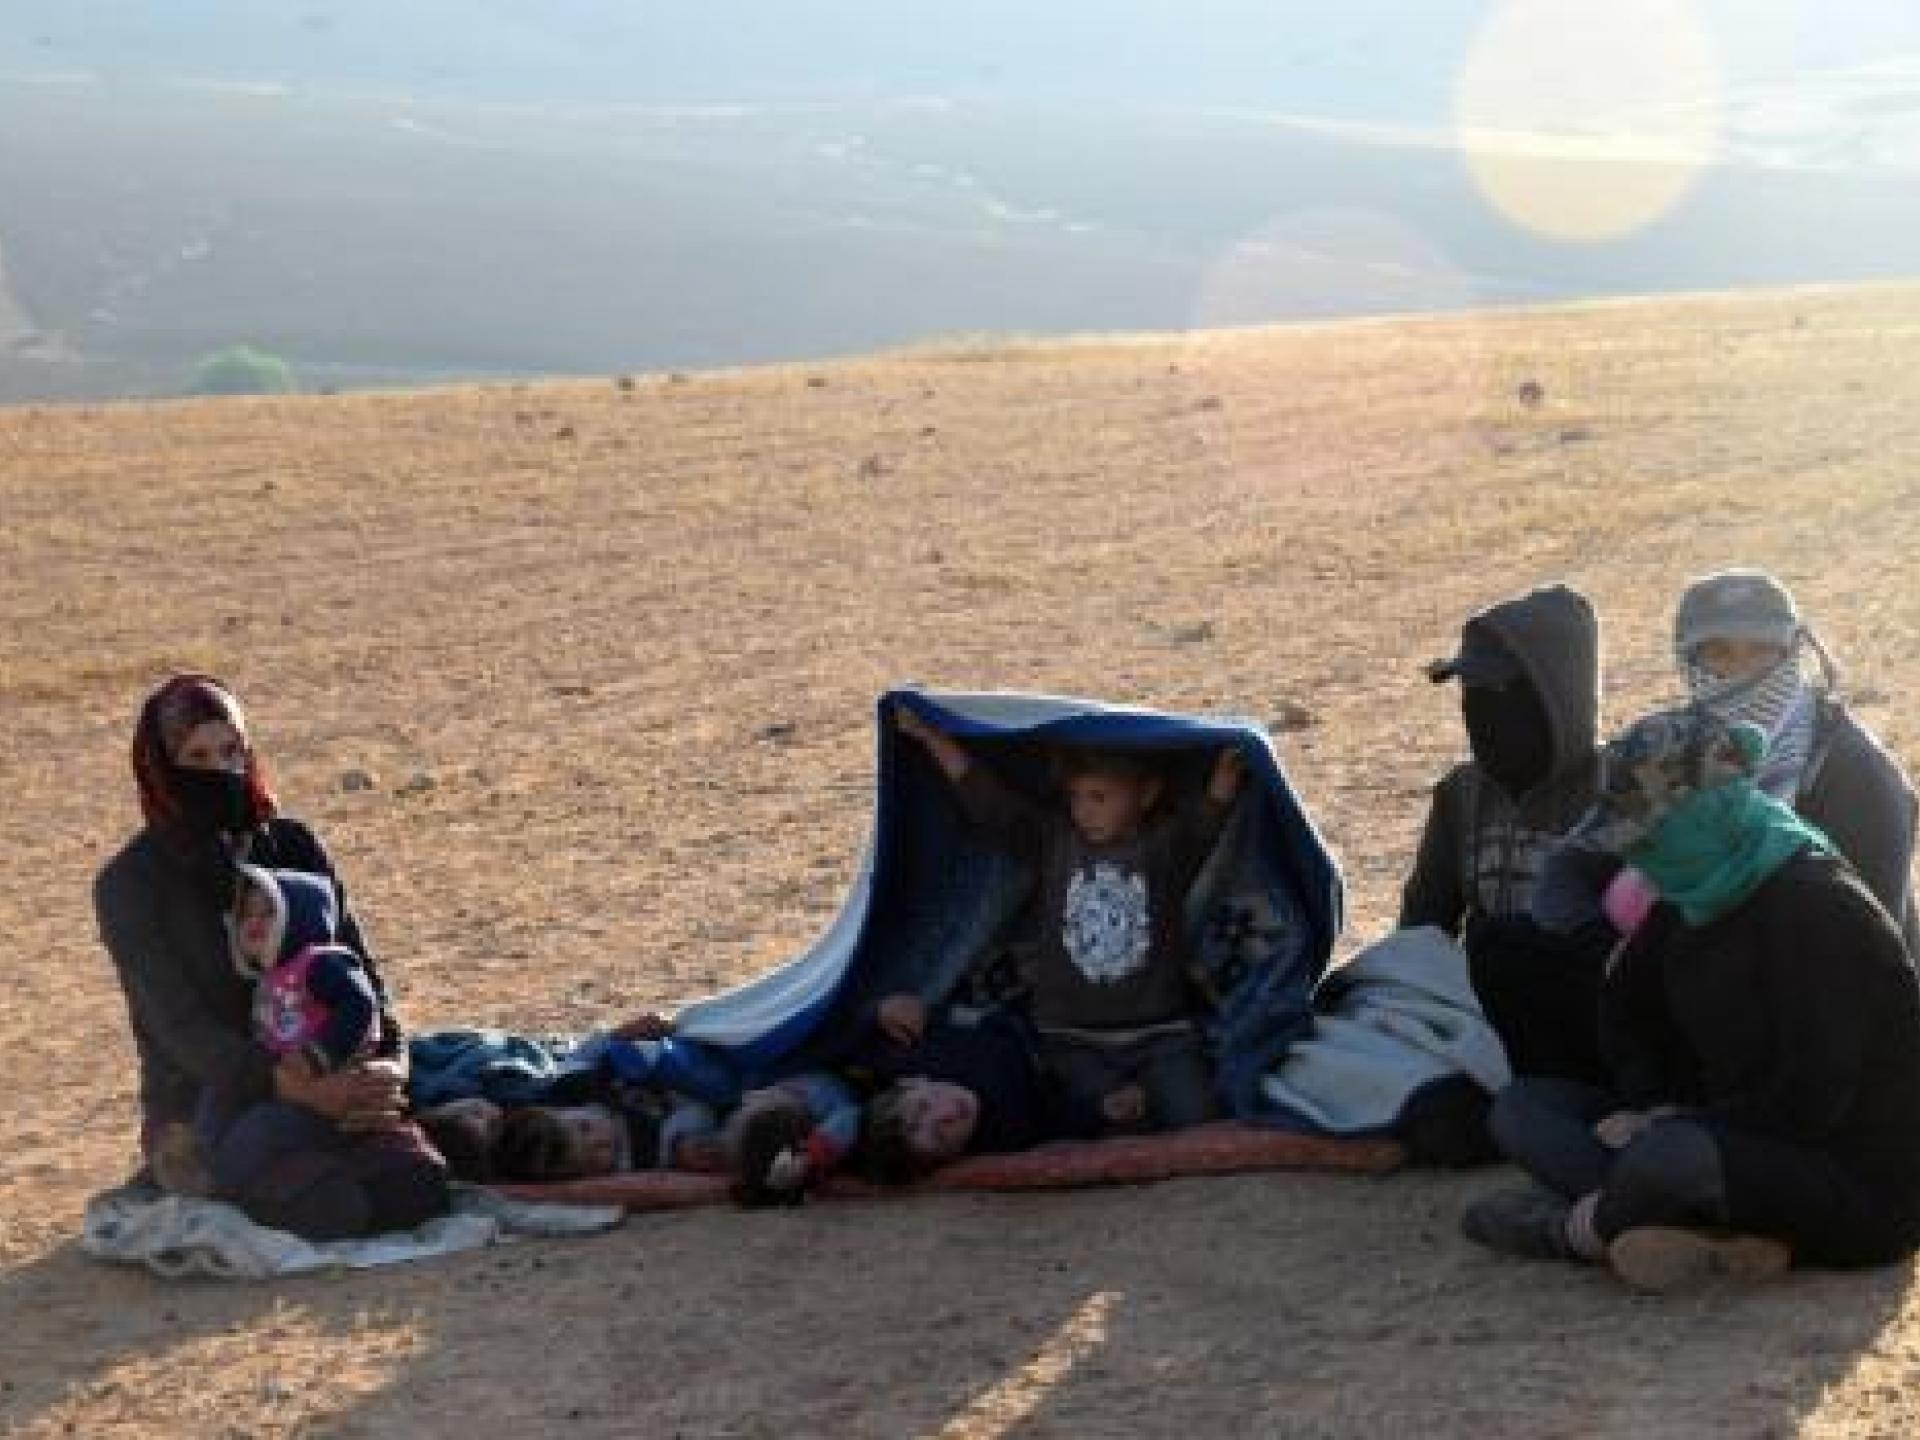 חומסה: מחכים בשמש לסיום אימונ הצבא כדי שיוכלו לחזור לבתיהם